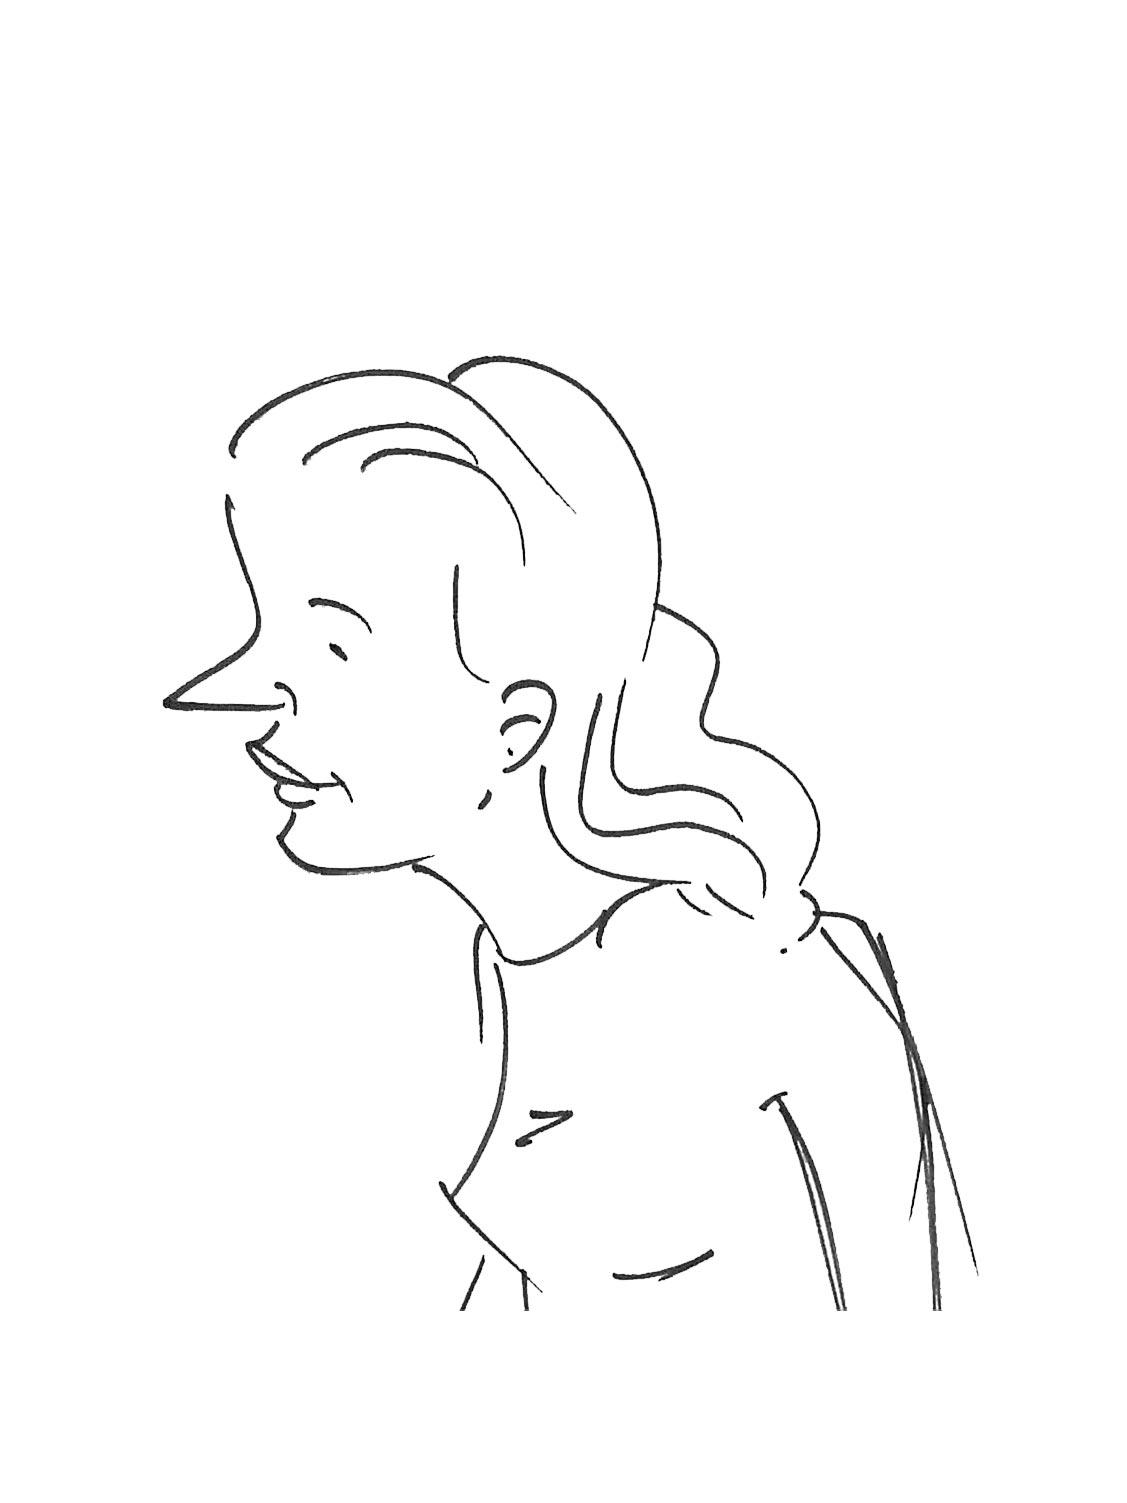 Sketch of a designer